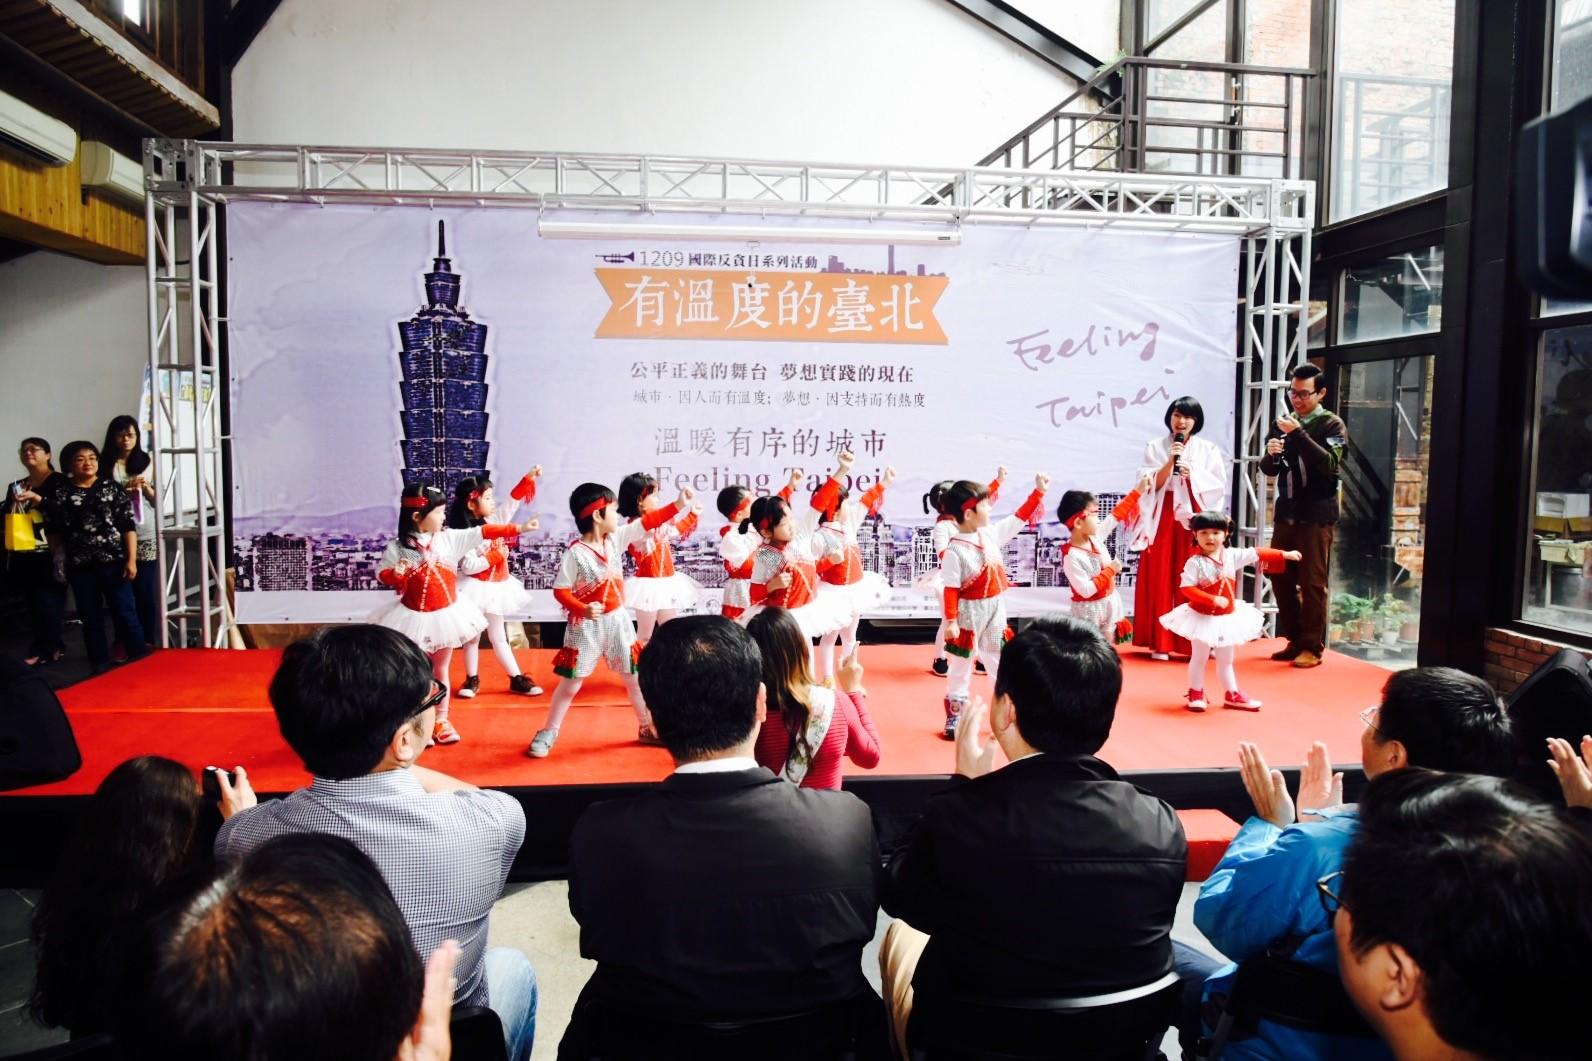 邀請幼兒園學童開幕表演「小小弓箭手」(1-1)